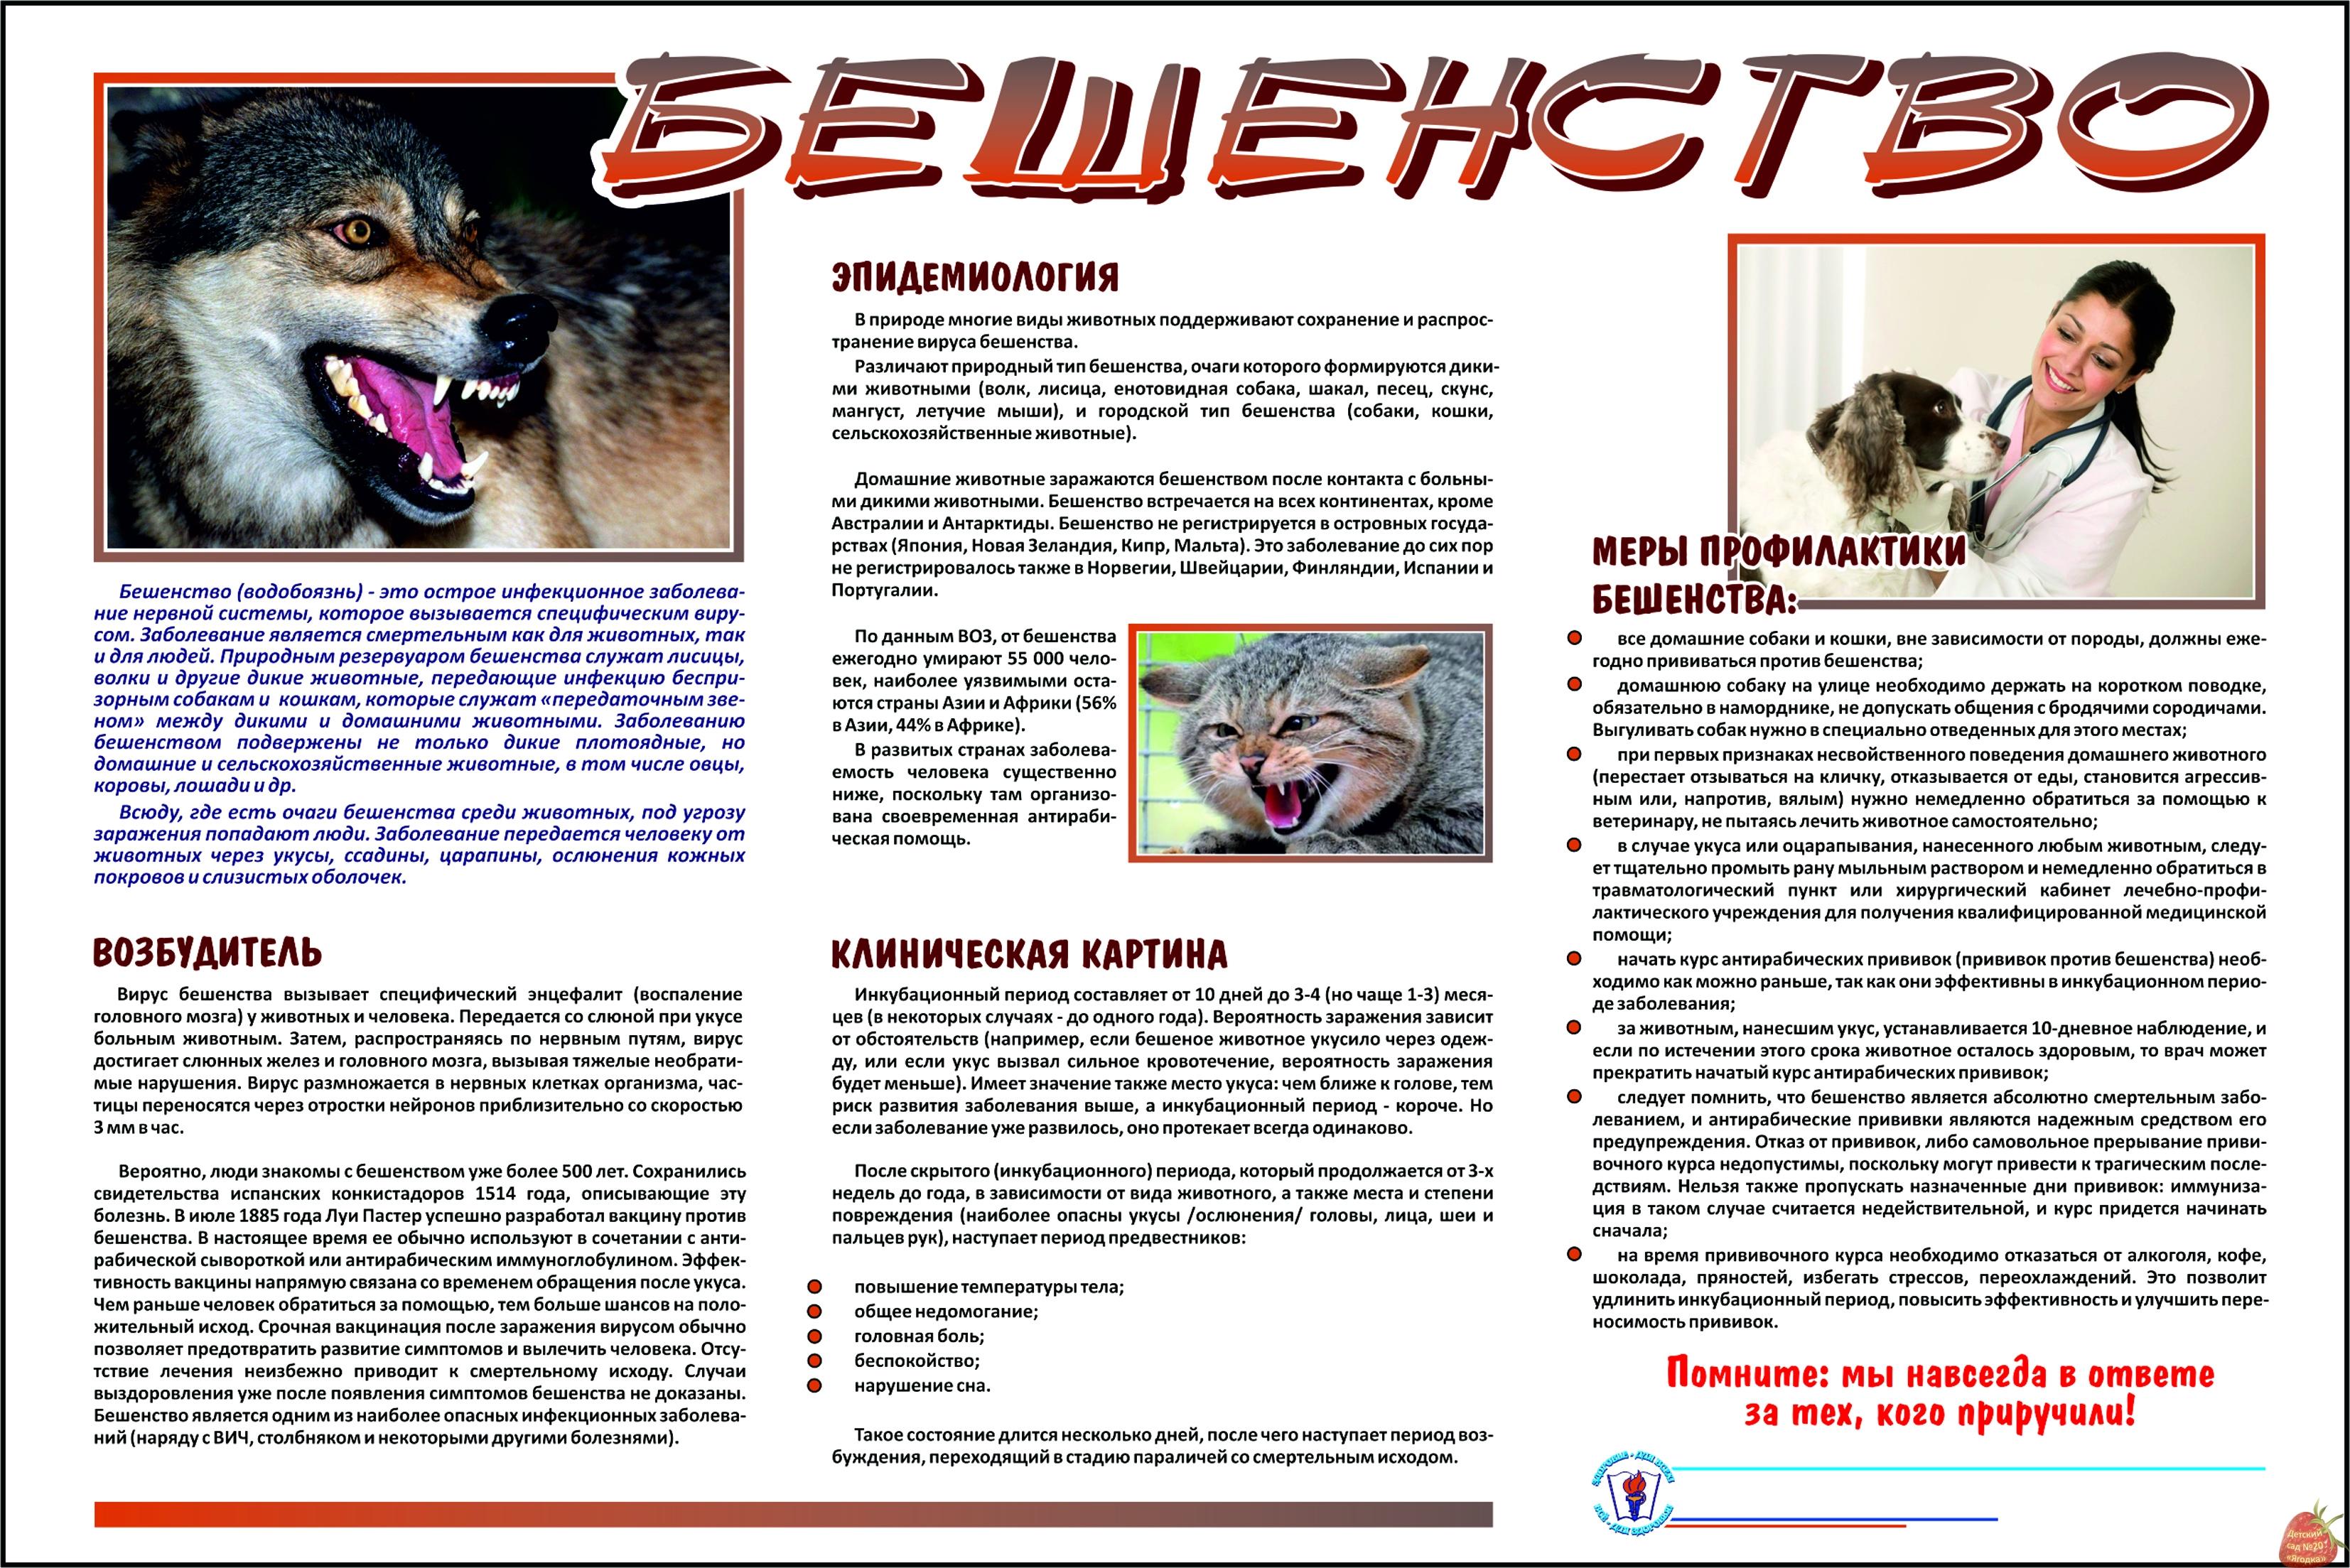 Первая помощь при укусах собаки — как ничего не упустить